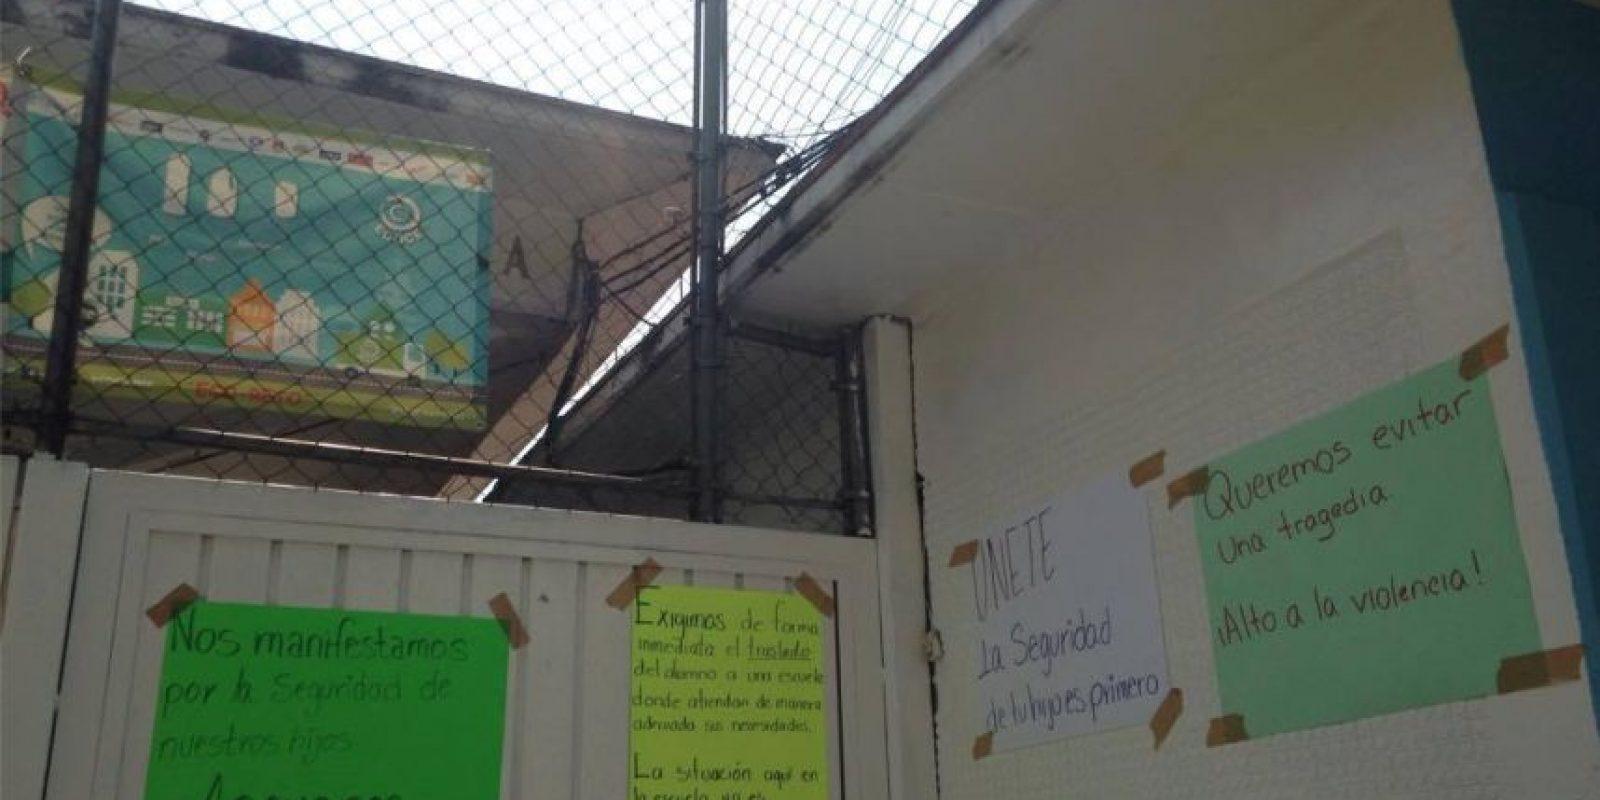 Así lucía la fachada de la escuela por la tarde. Foto:Nicolás Corte/Publimetro